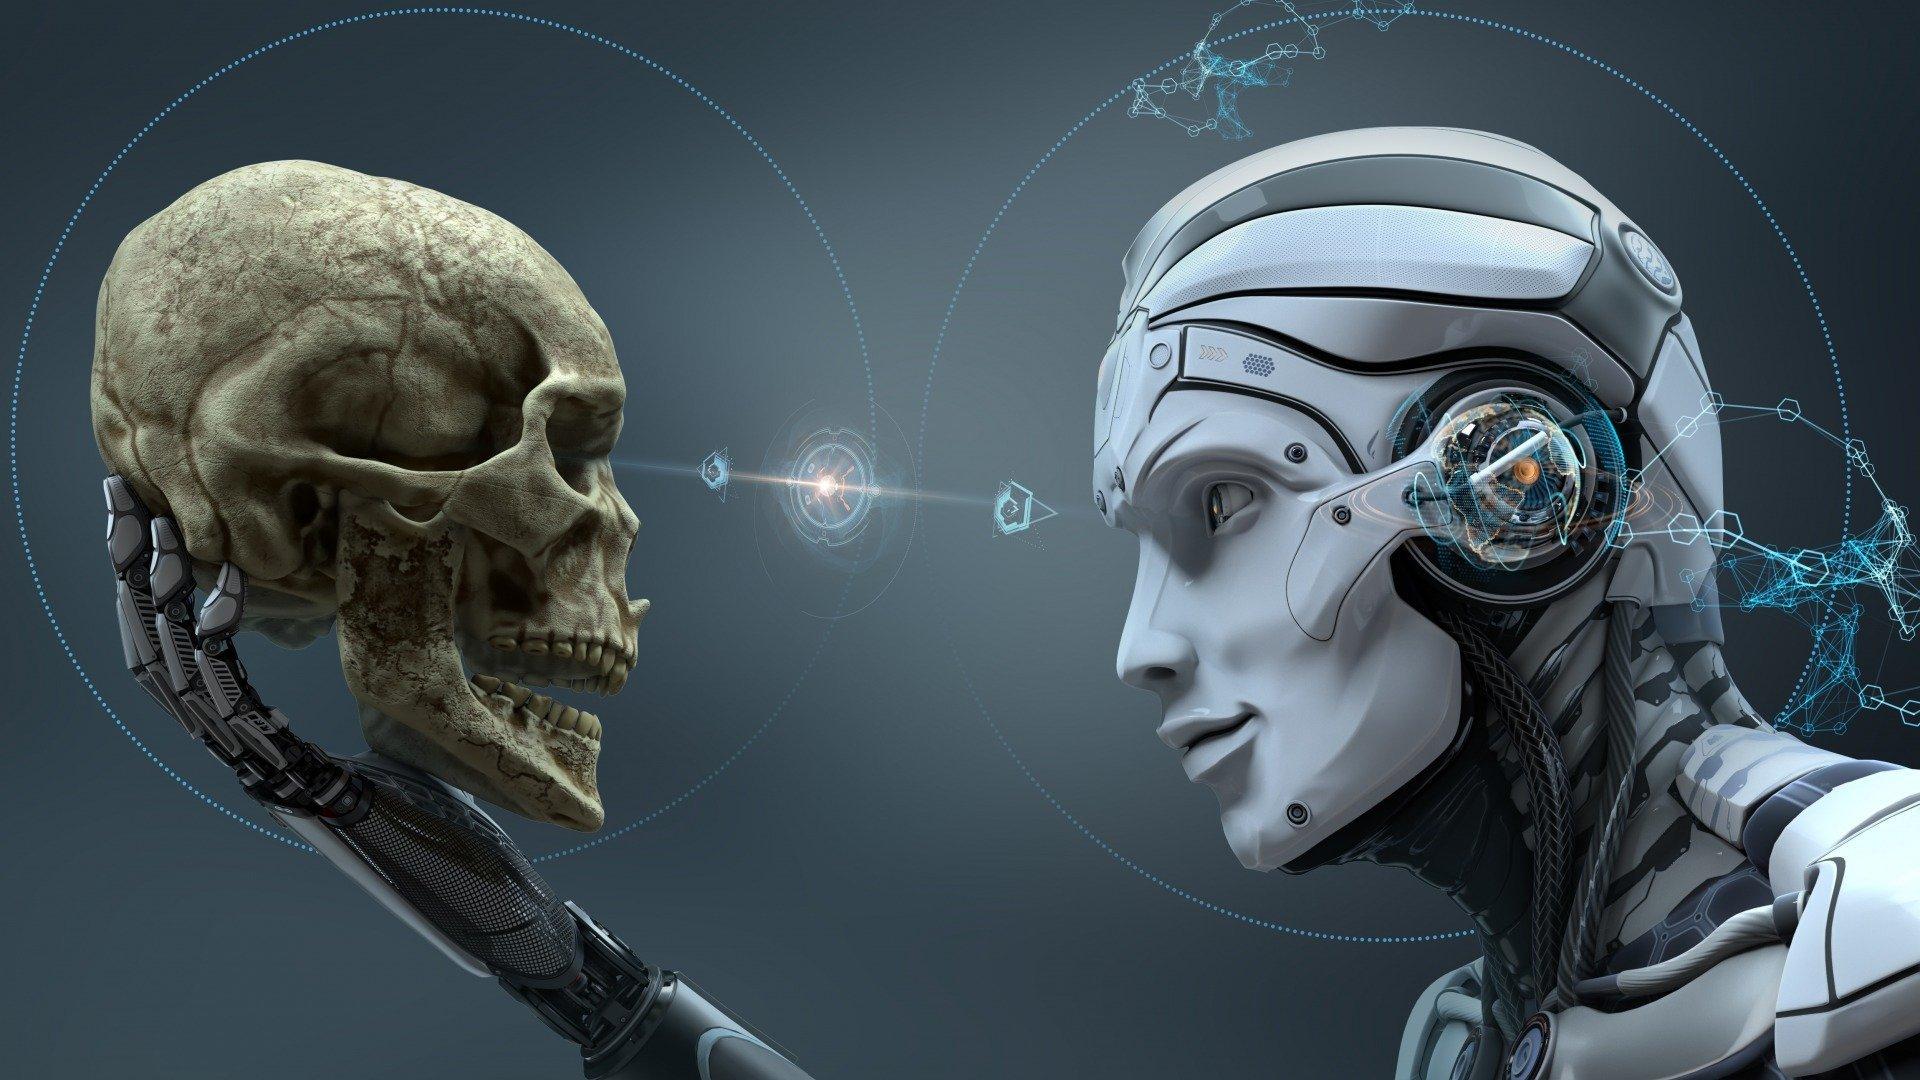 Программисты разработали сервис для создания искусственного голоса на основе своего